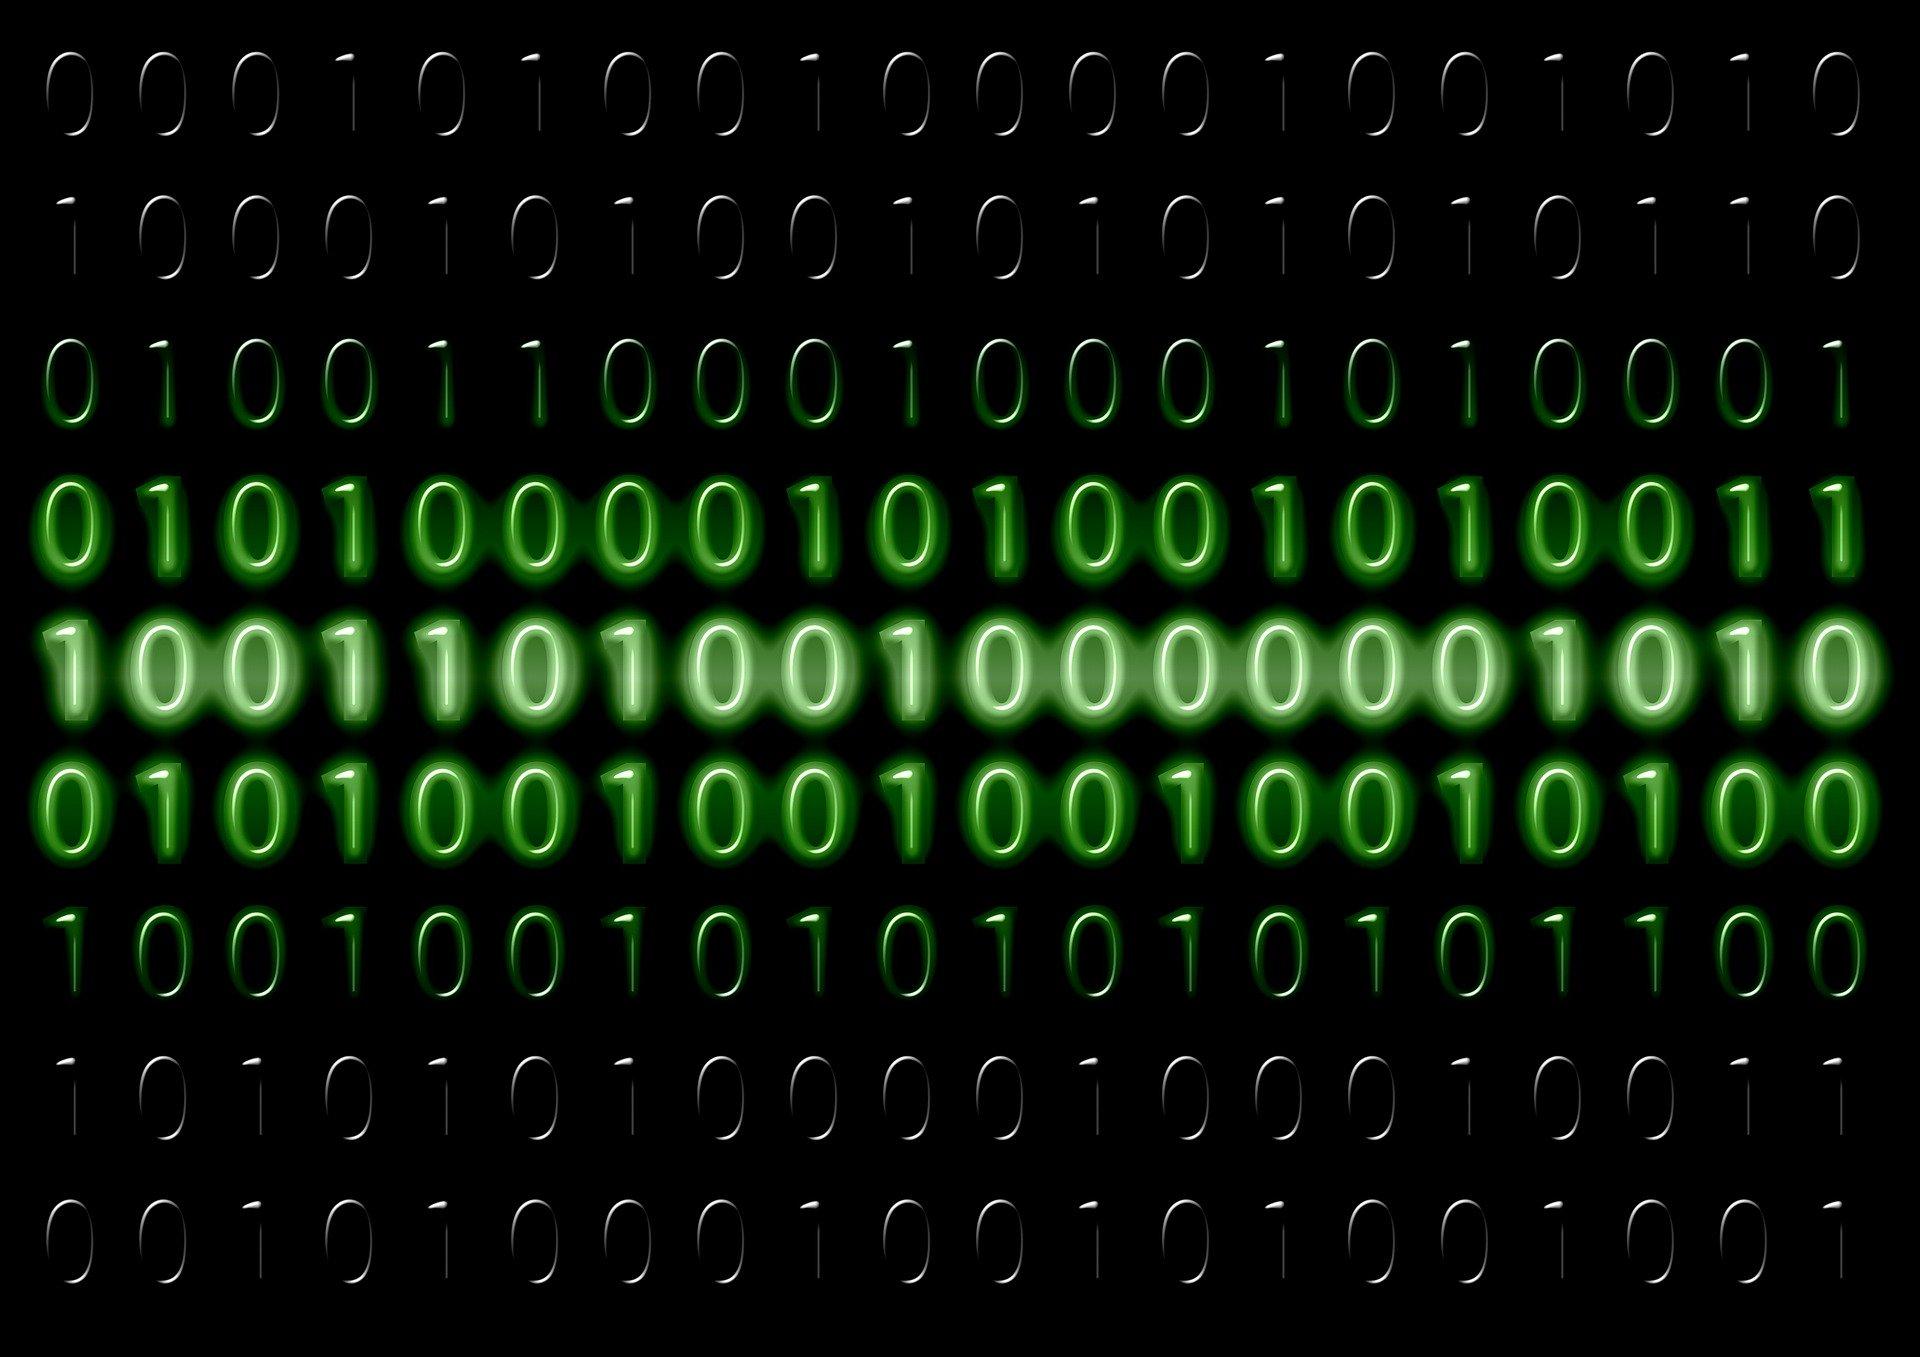 code binaire, suite de 0 et 1